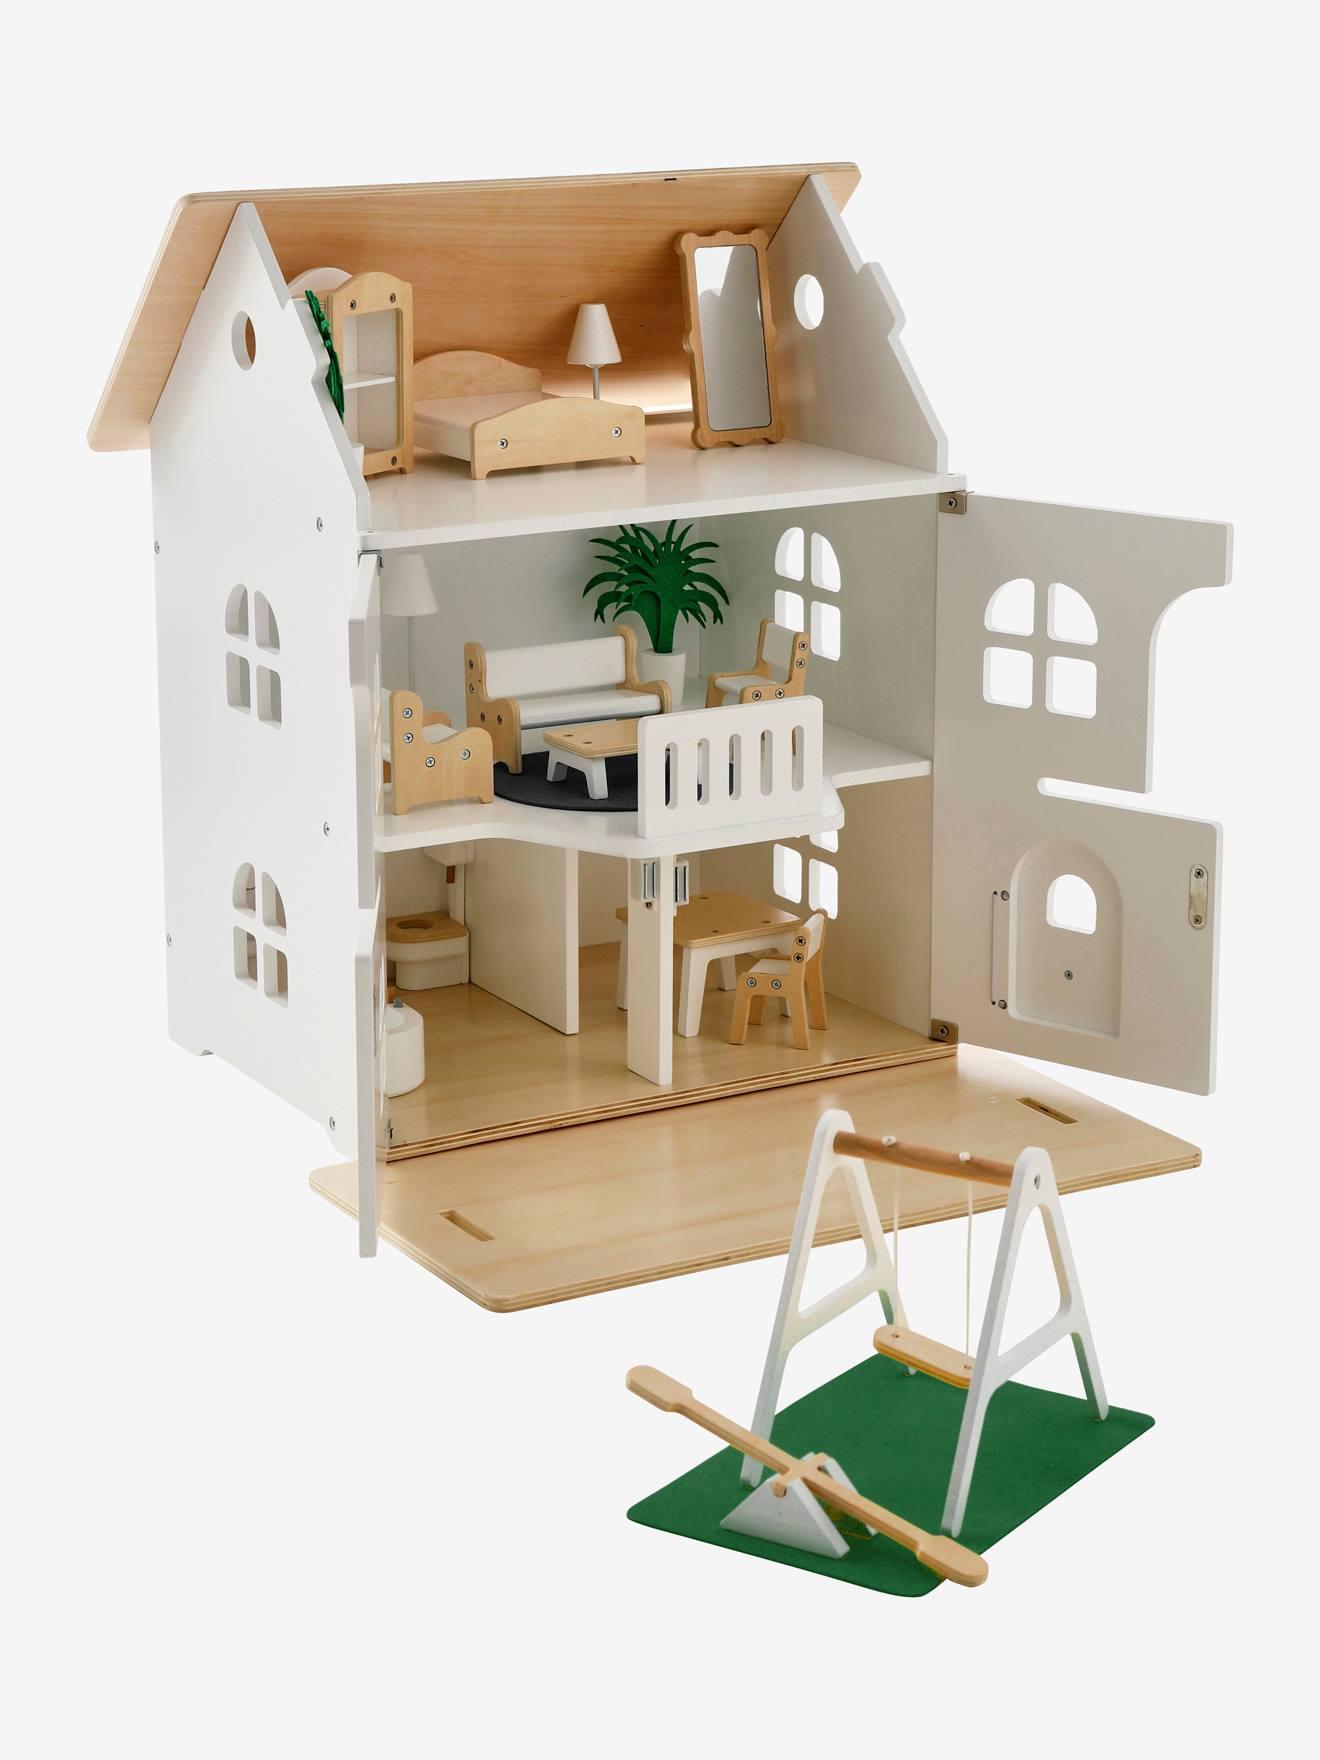 Casa dos amiguinhos + mobiliário branco medio liso com motivo